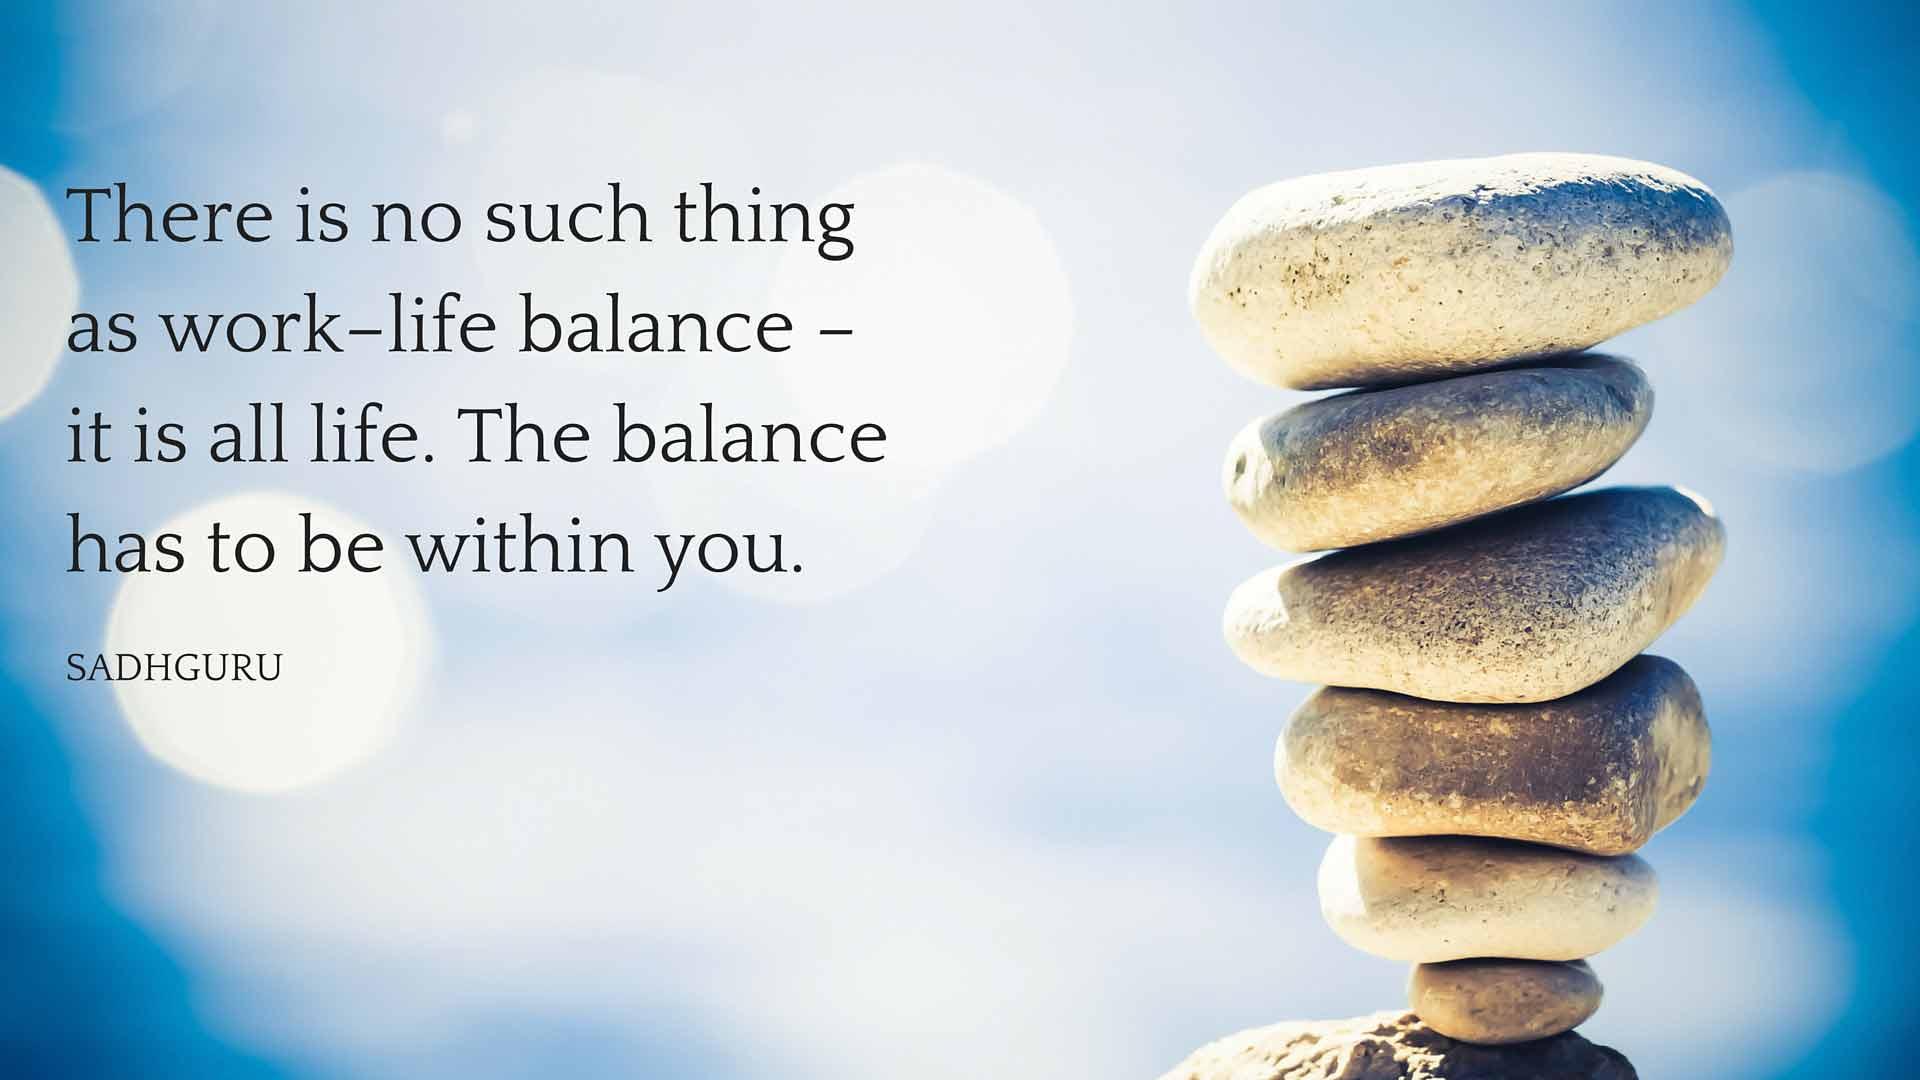 Sadhguru Quotes Work Life Balance 1